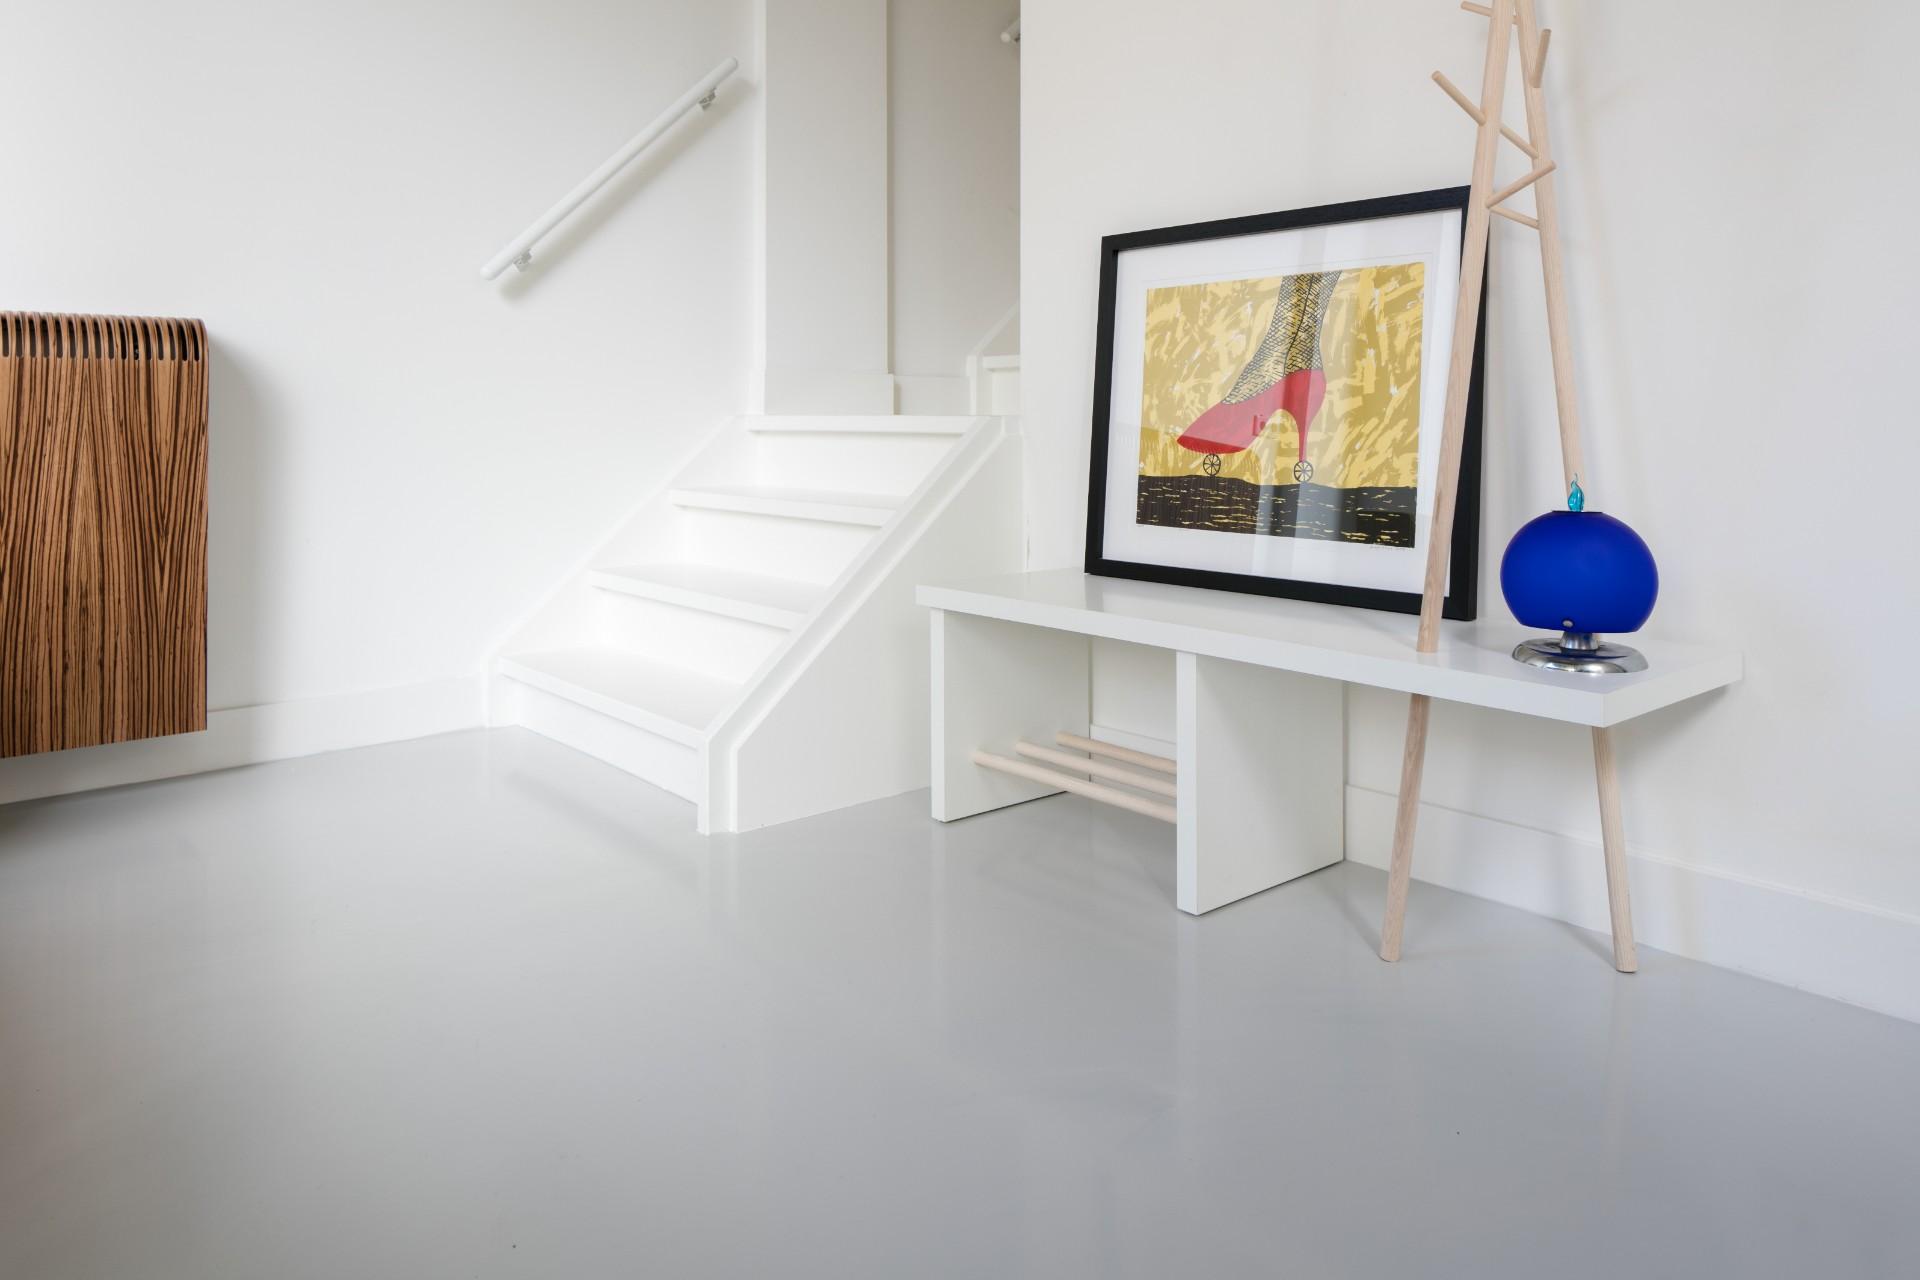 Particulier in breda creative floors gietvloeren for Creative floors